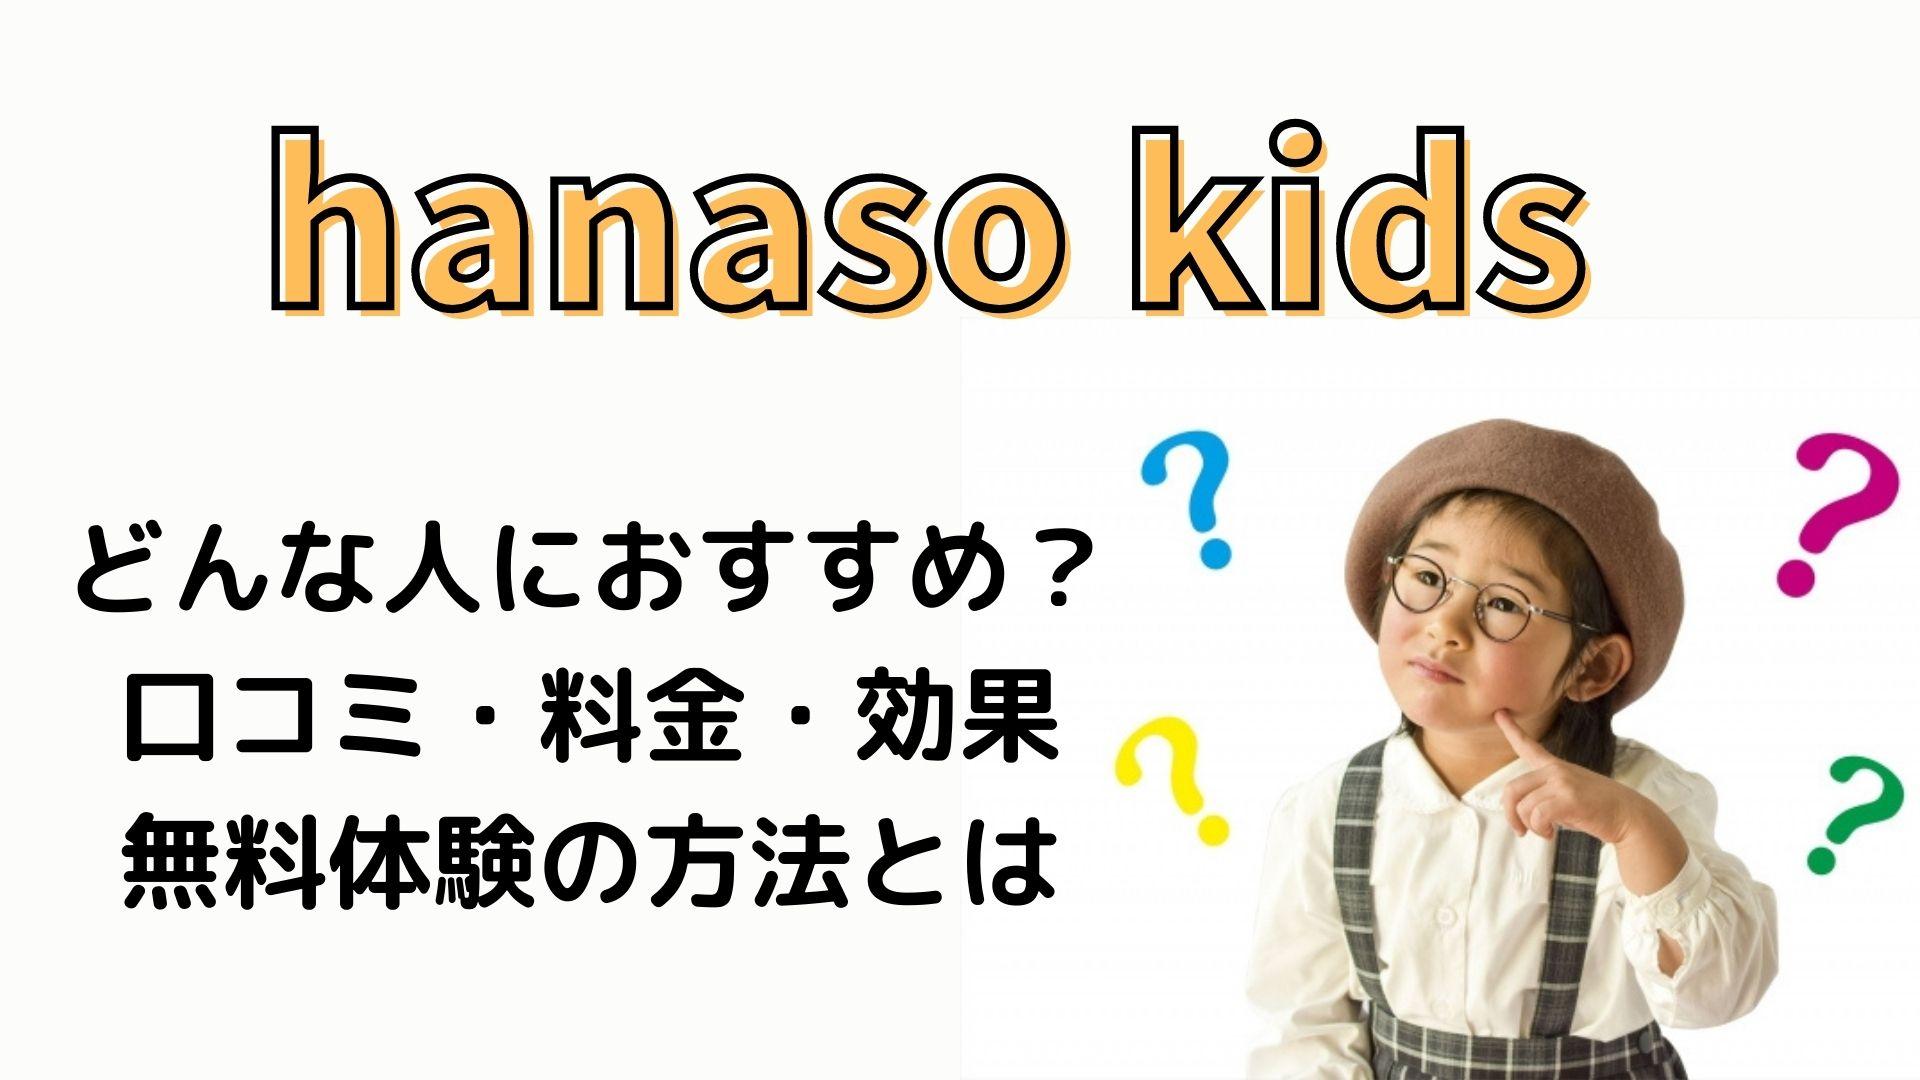 hanaso kids(ハナソ キッズ)の口コミ・評判!英語講師経験者がサービスの特徴を解説!